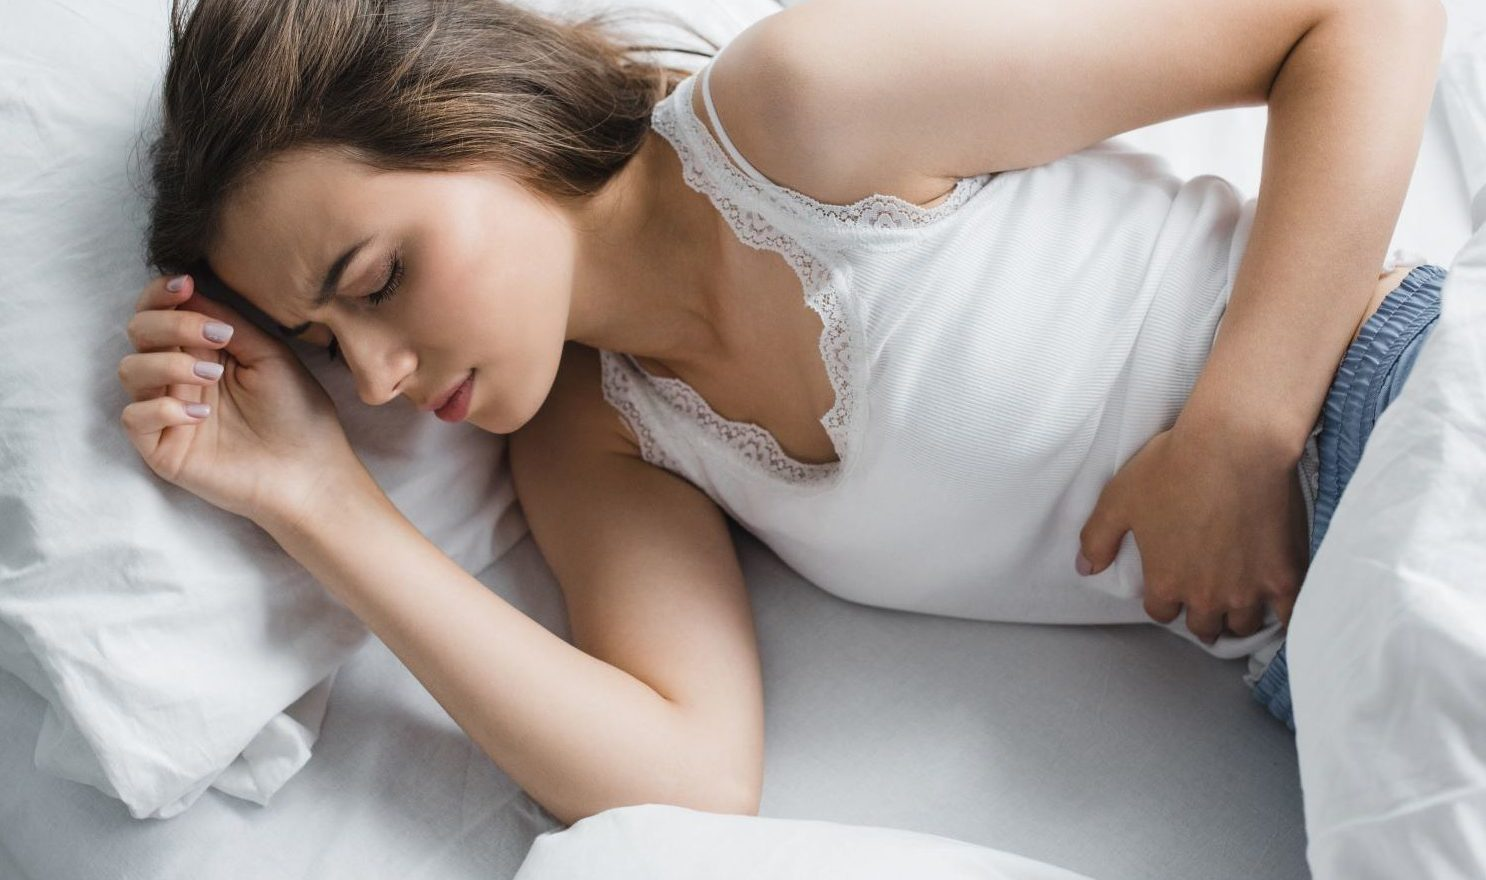 Brak okresu - przyczyny zaburzeń miesiączkowania